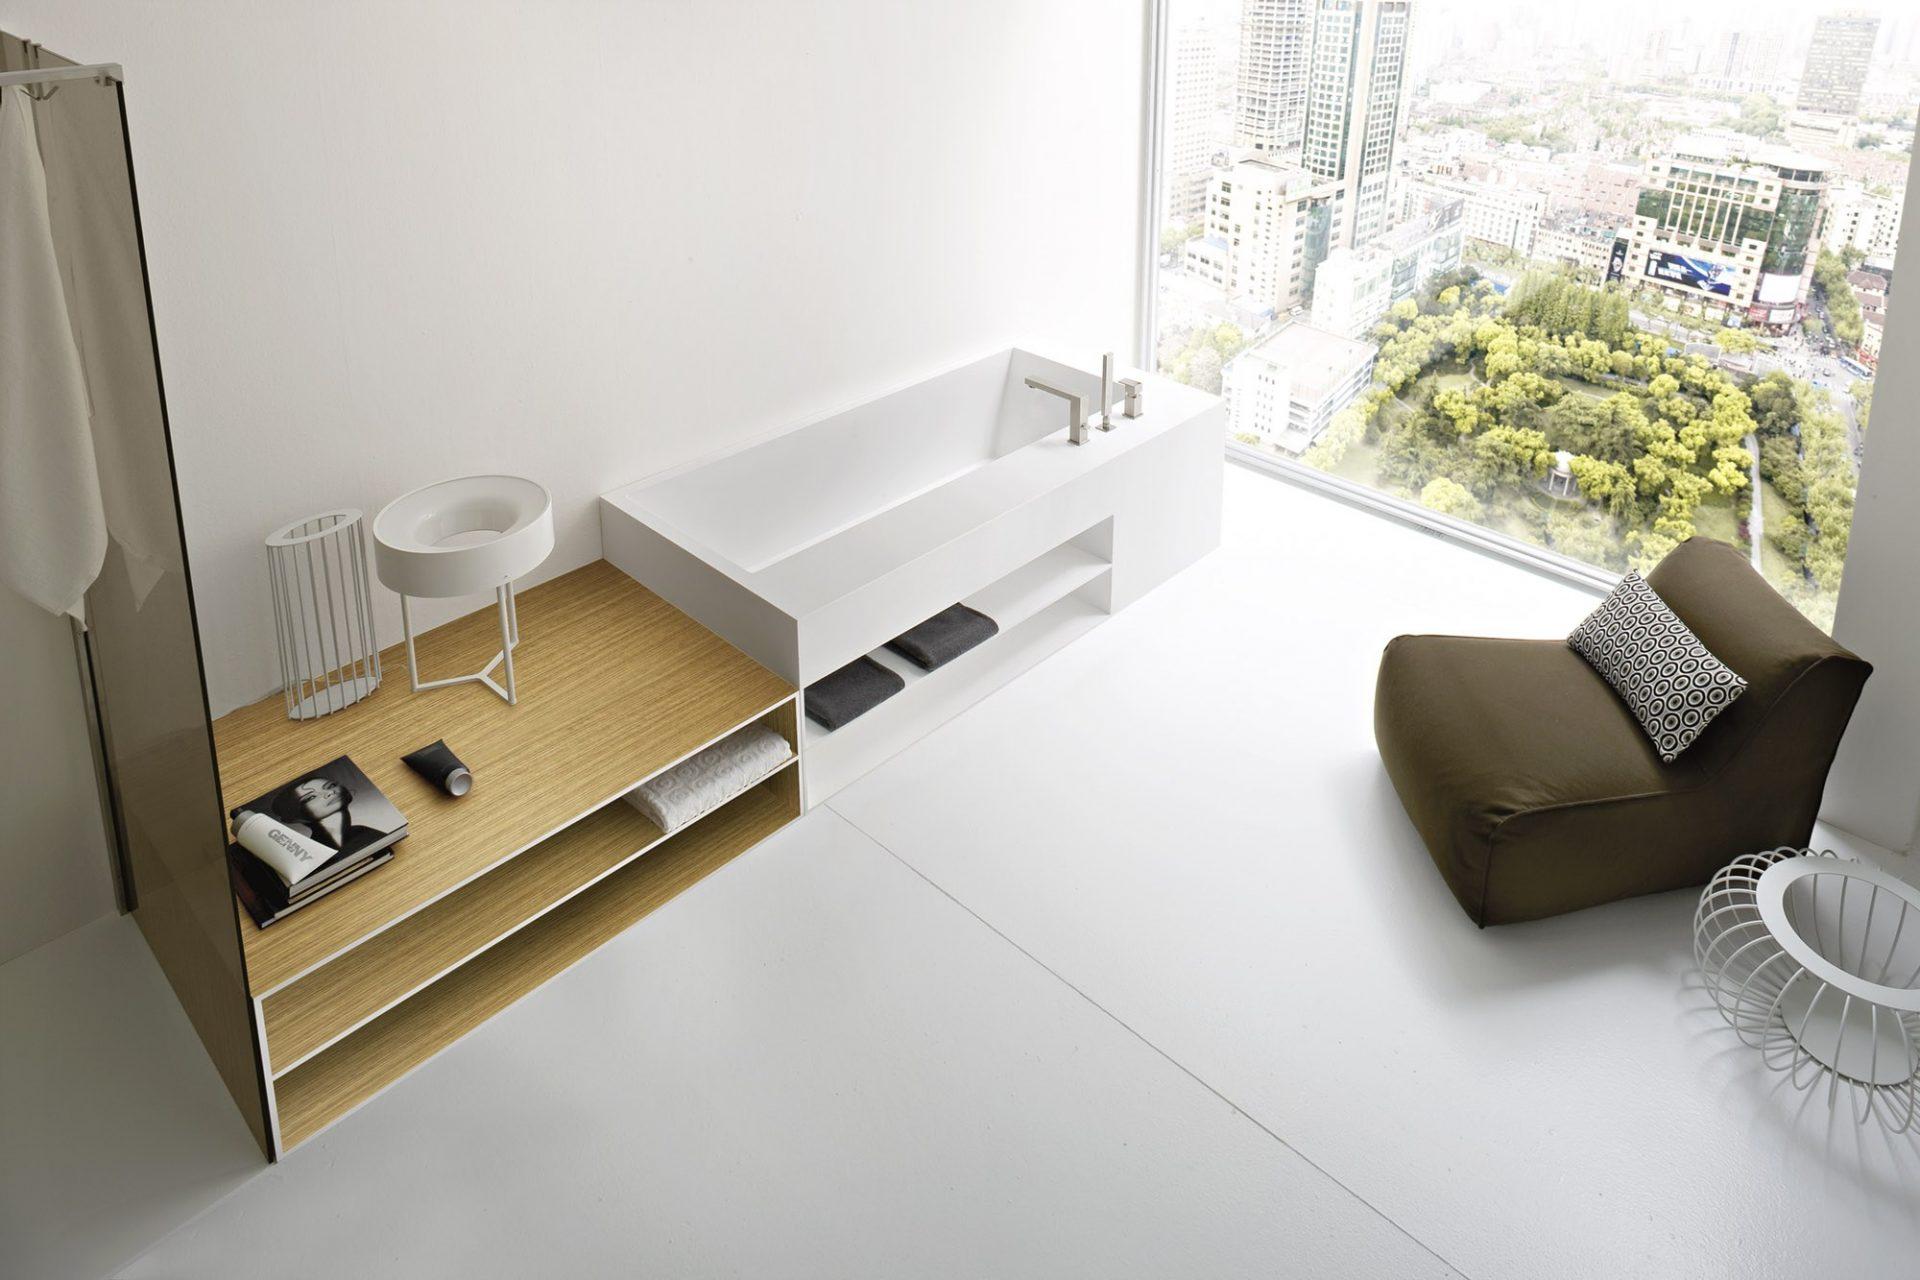 Meuble de salle de bain contemporain_Rexa Design